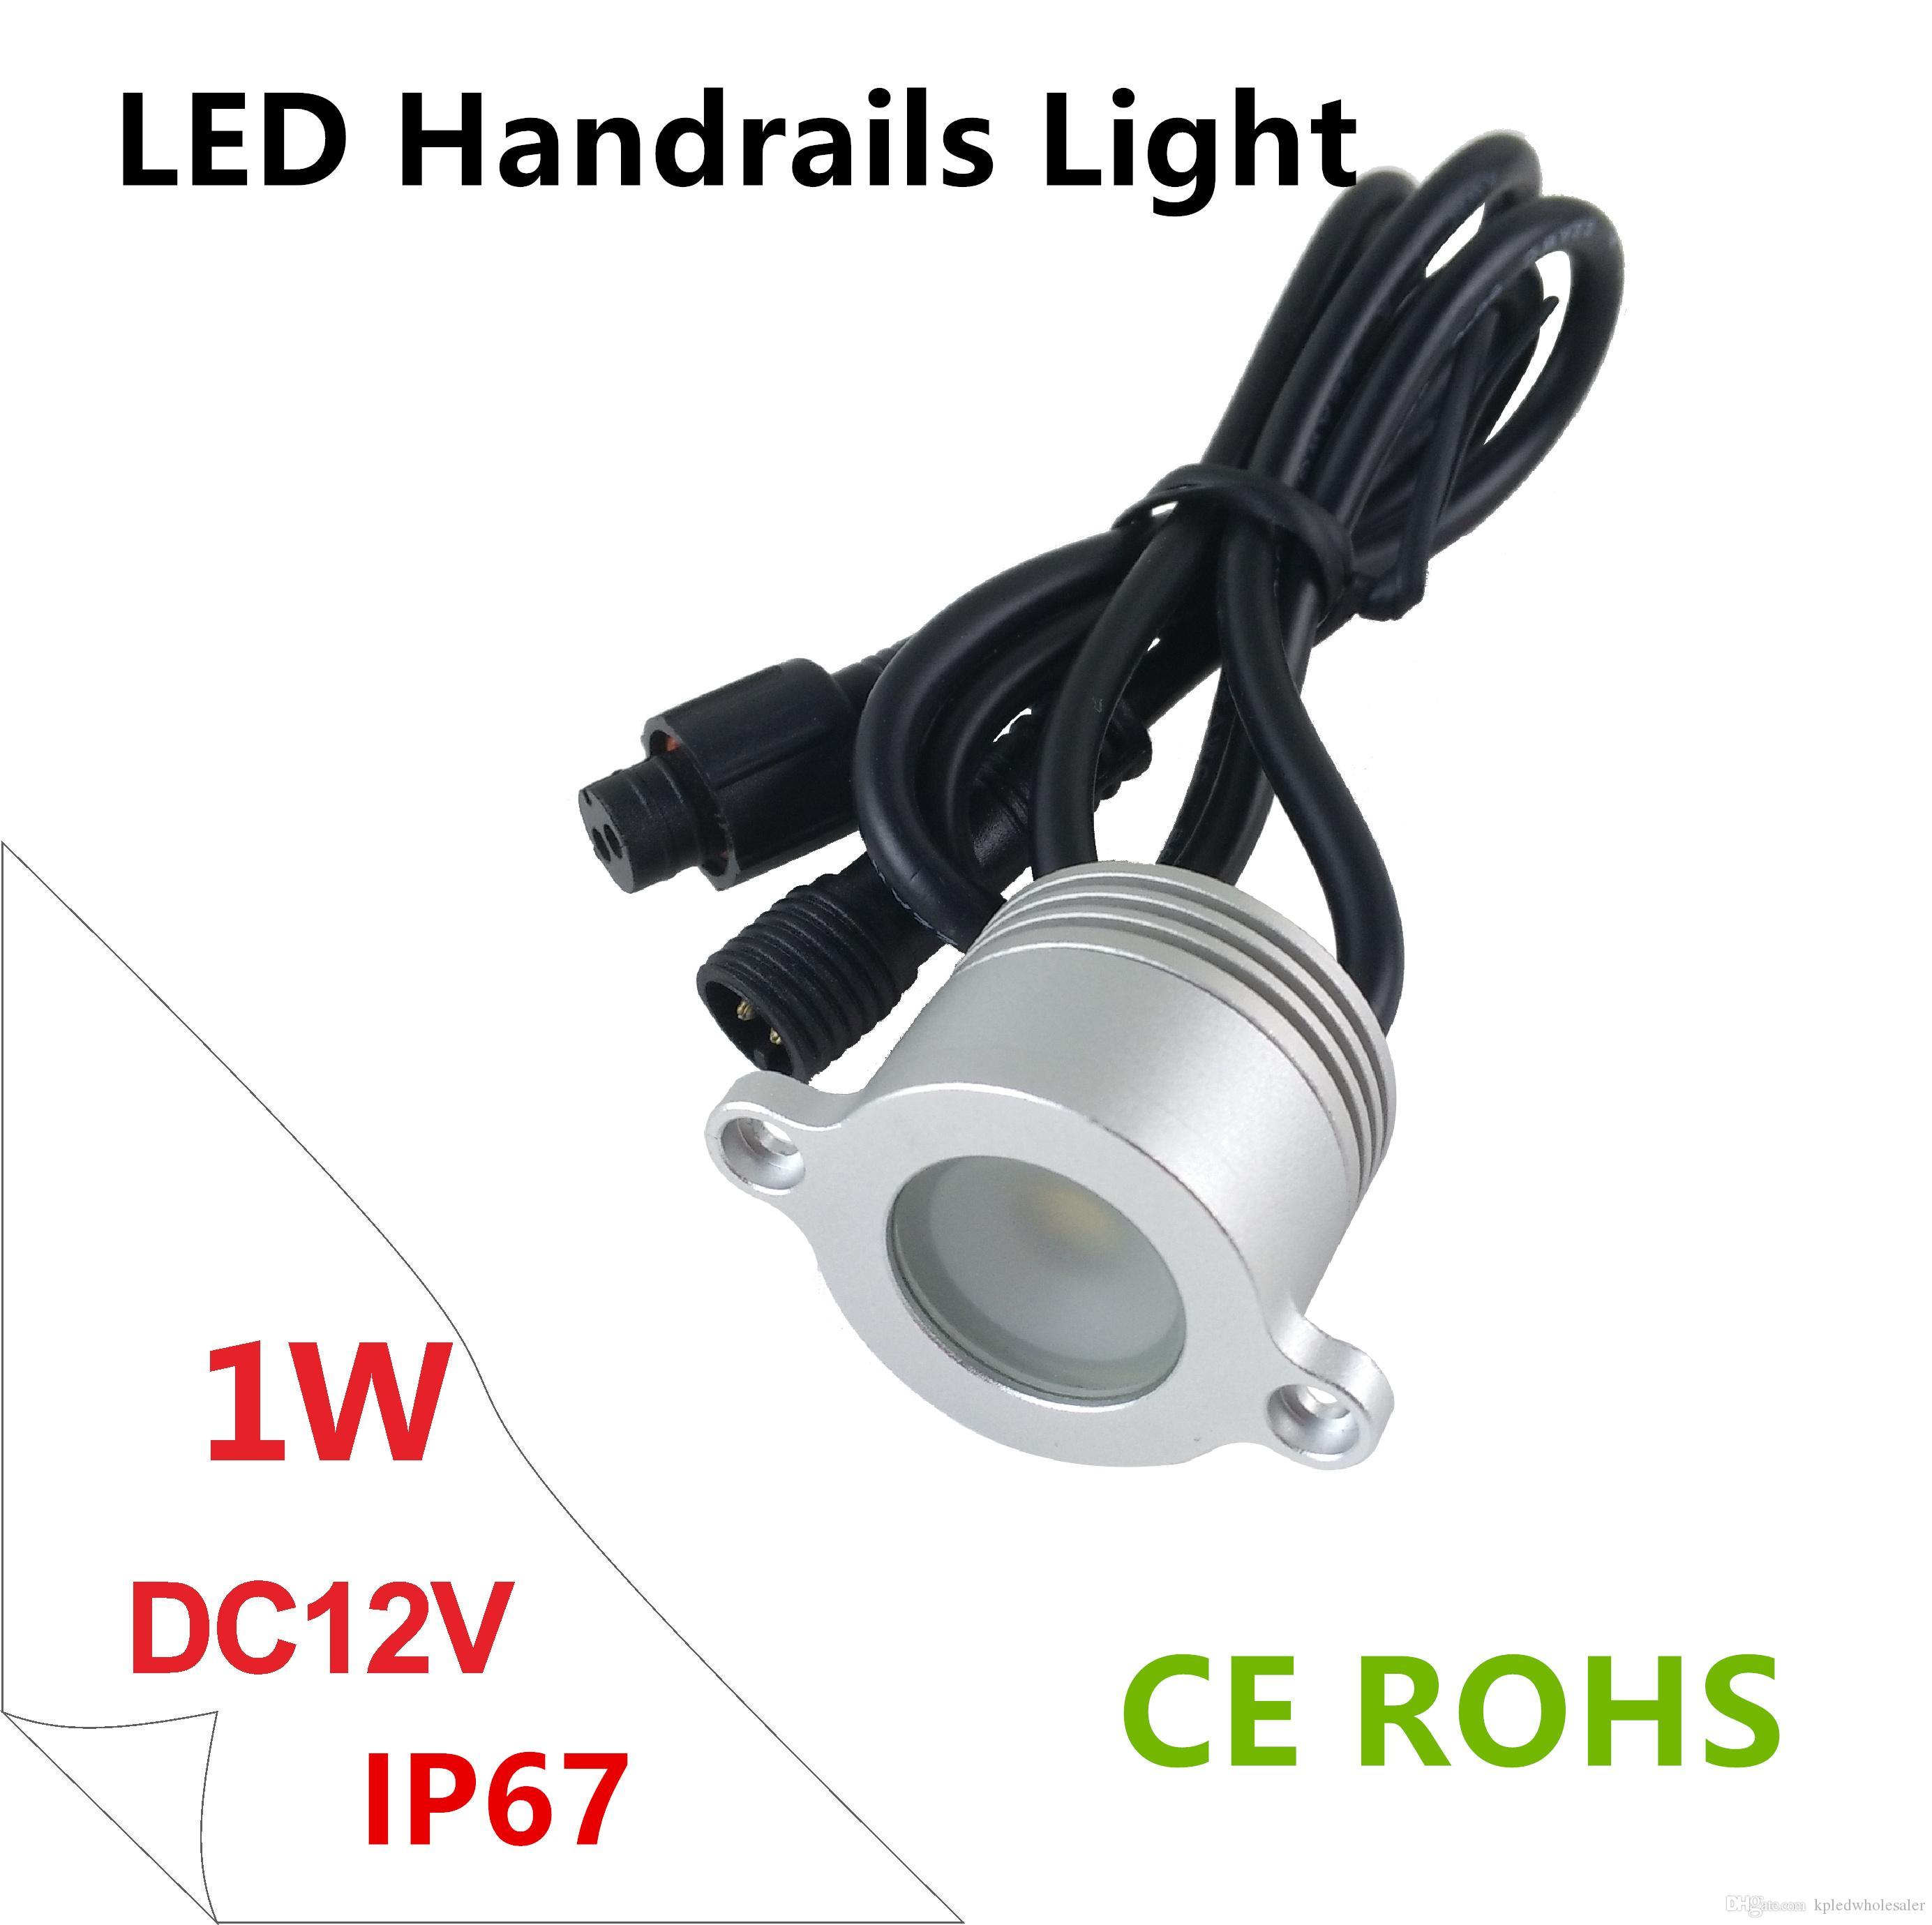 1W Led Mini Railing Light, DC12V Outdoor Led Downlight Reecssed Stair Railing Light, Handrail Light IP67 Waterproof 8pcs/lot